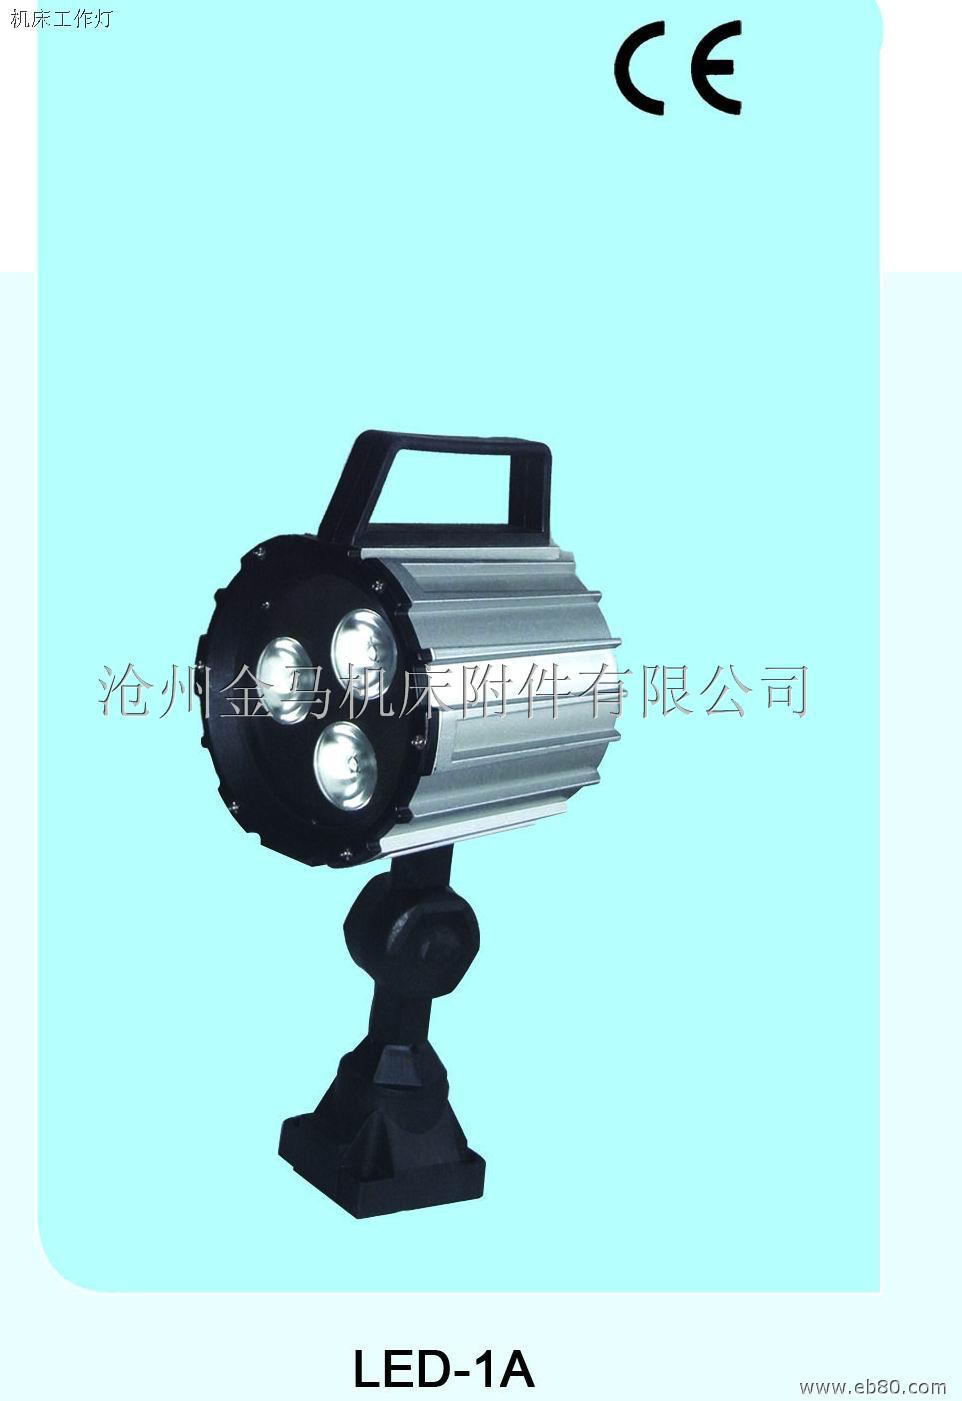 工作灯图片 工作灯样板图 工作灯生产 山东锦马机床附件有...